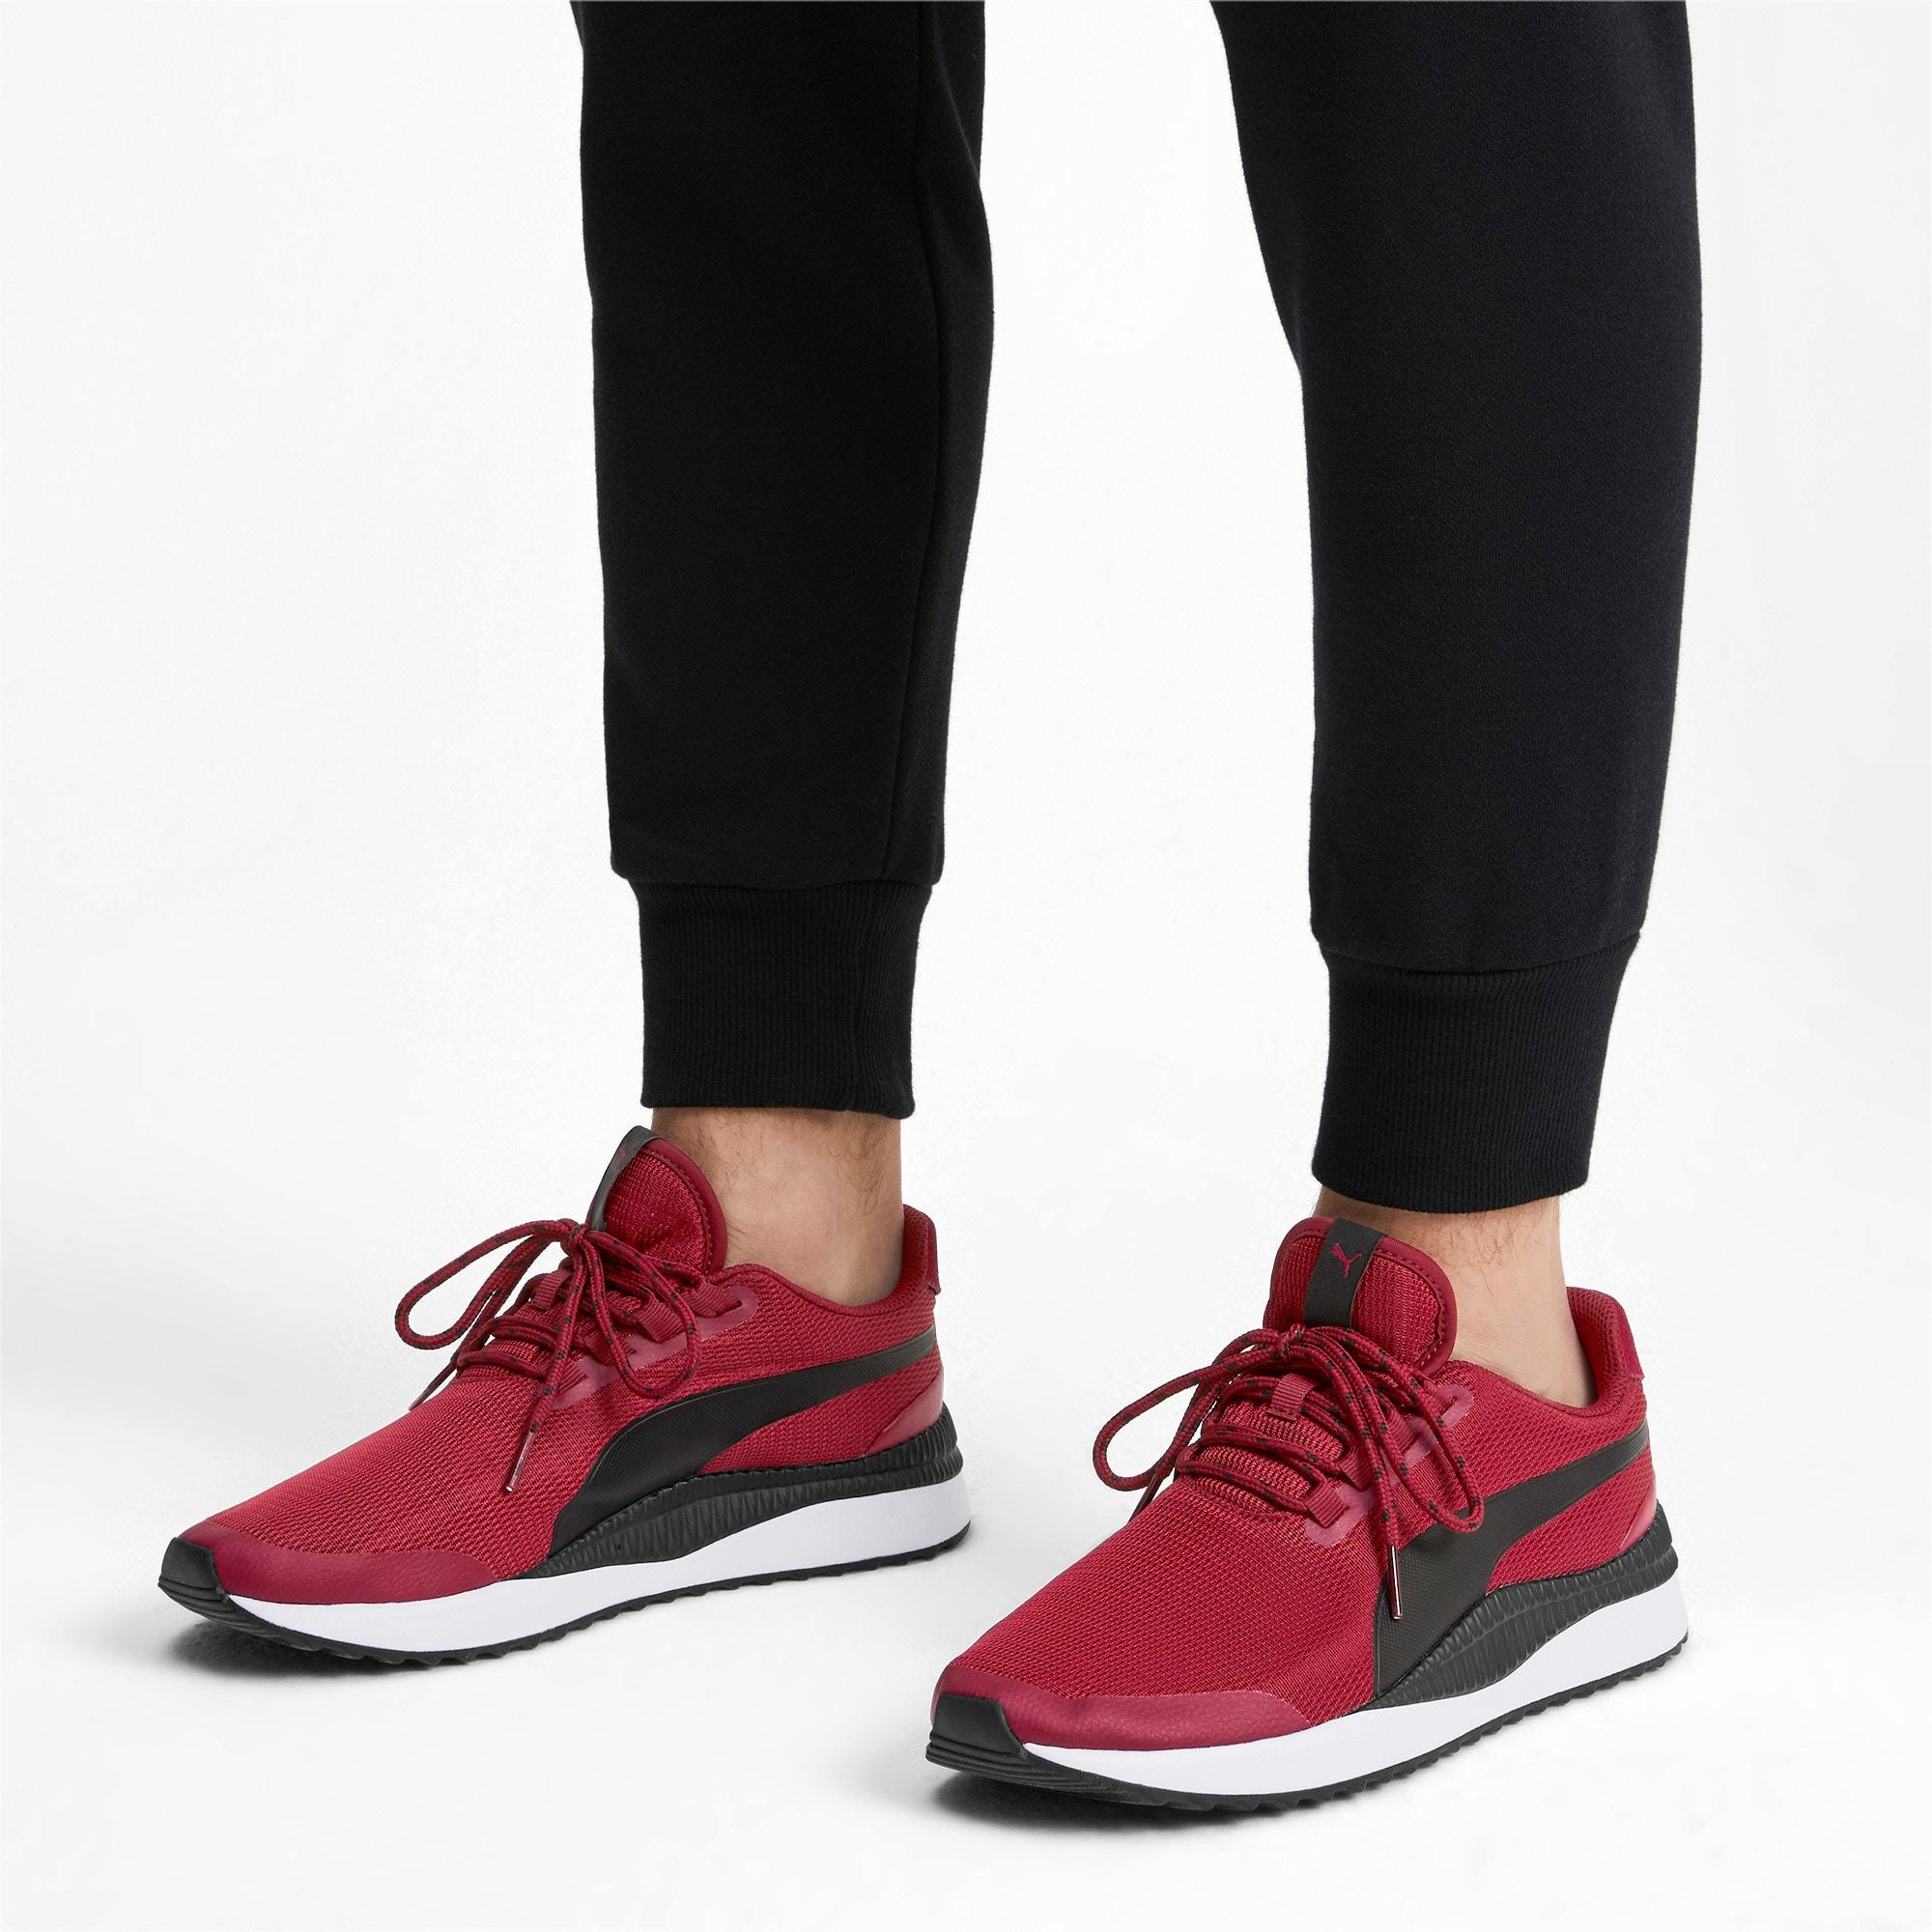 Miniatura 2 de Zapatos deportivosPacer Next FS, Rhubarb-Puma Black, mediano